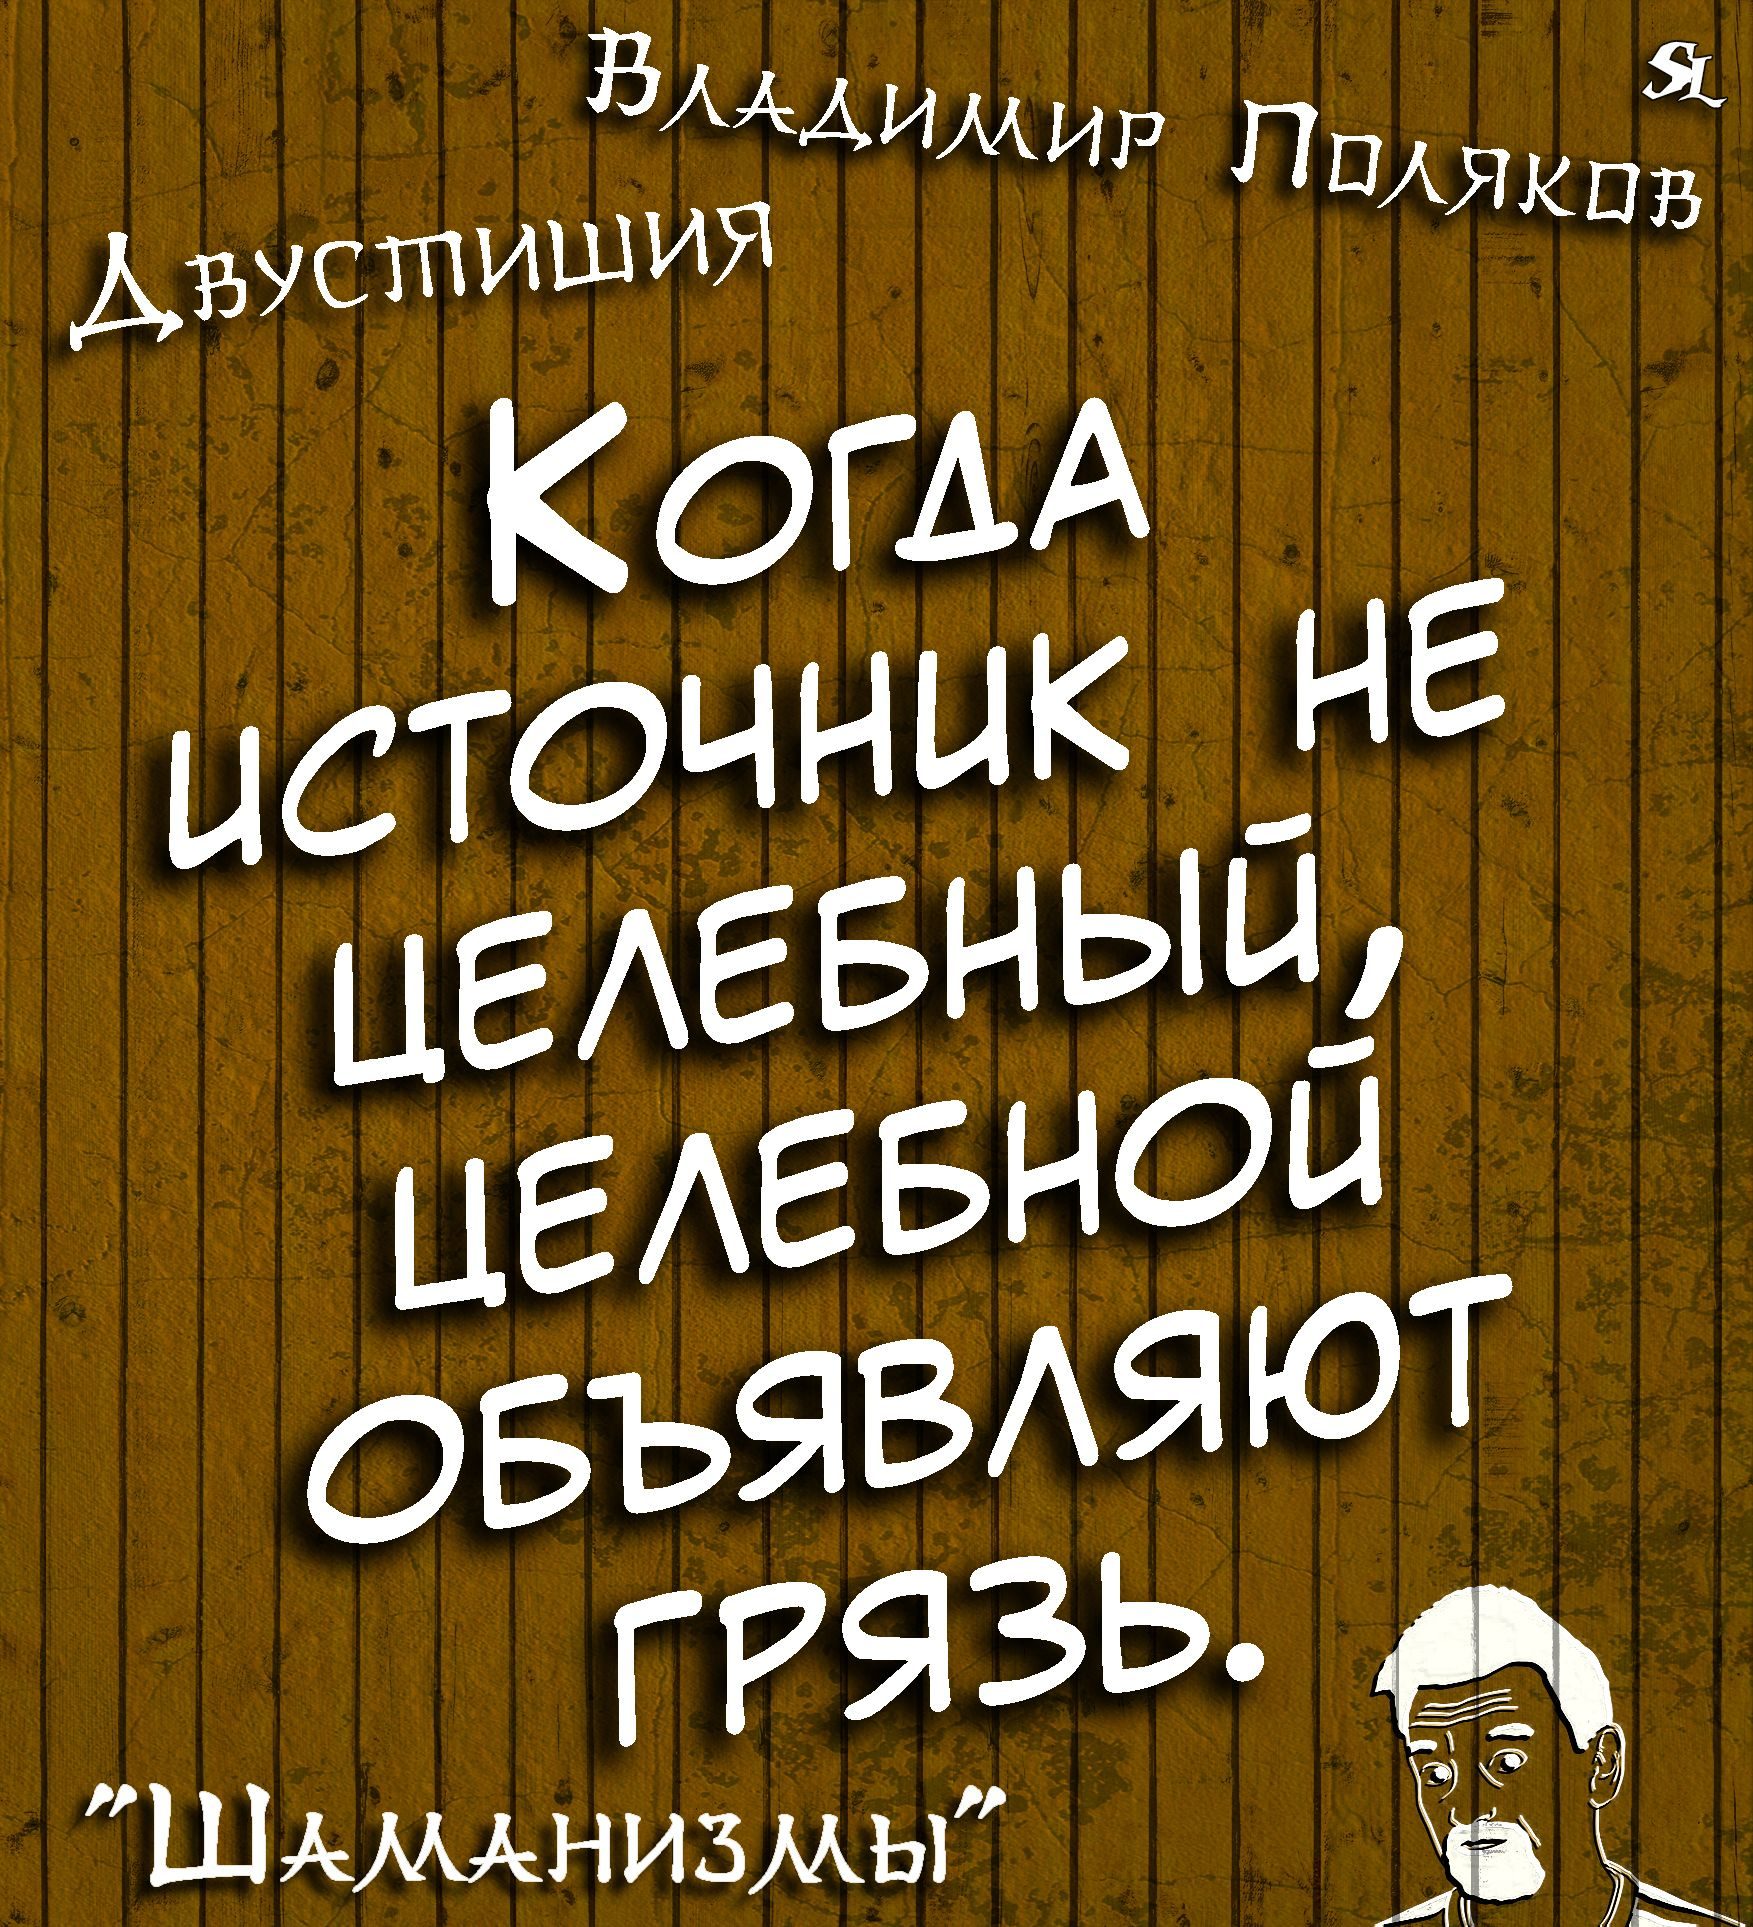 Dvostishie Vladimir Polyakov Shamanizmy Shutki Prikol Yumor Jokes Funny Humor Memes Quotations Phrase Of The Day Quotes